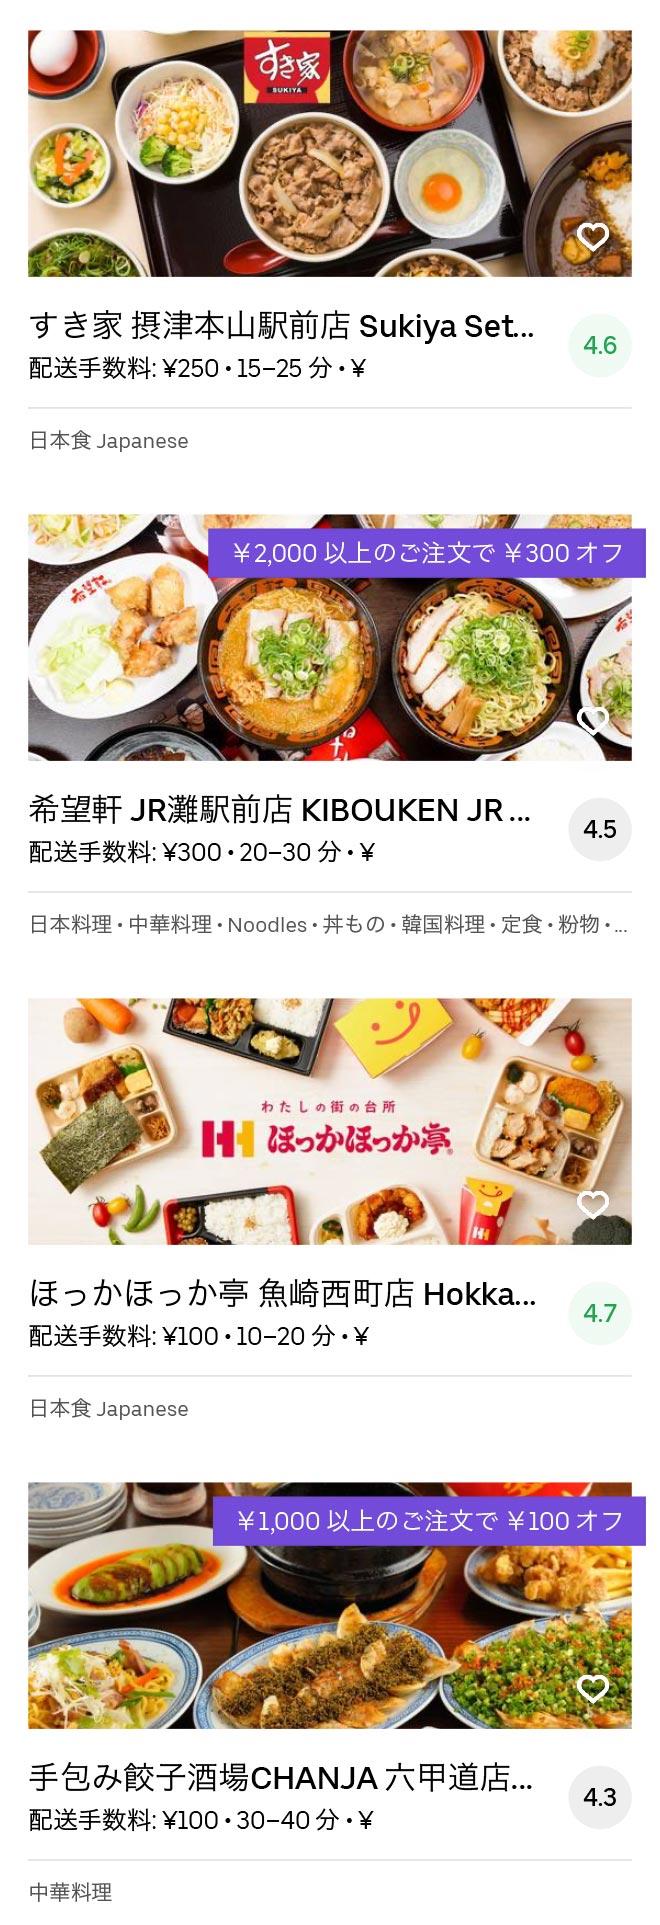 Kobe sumiyoshi menu 2005 06